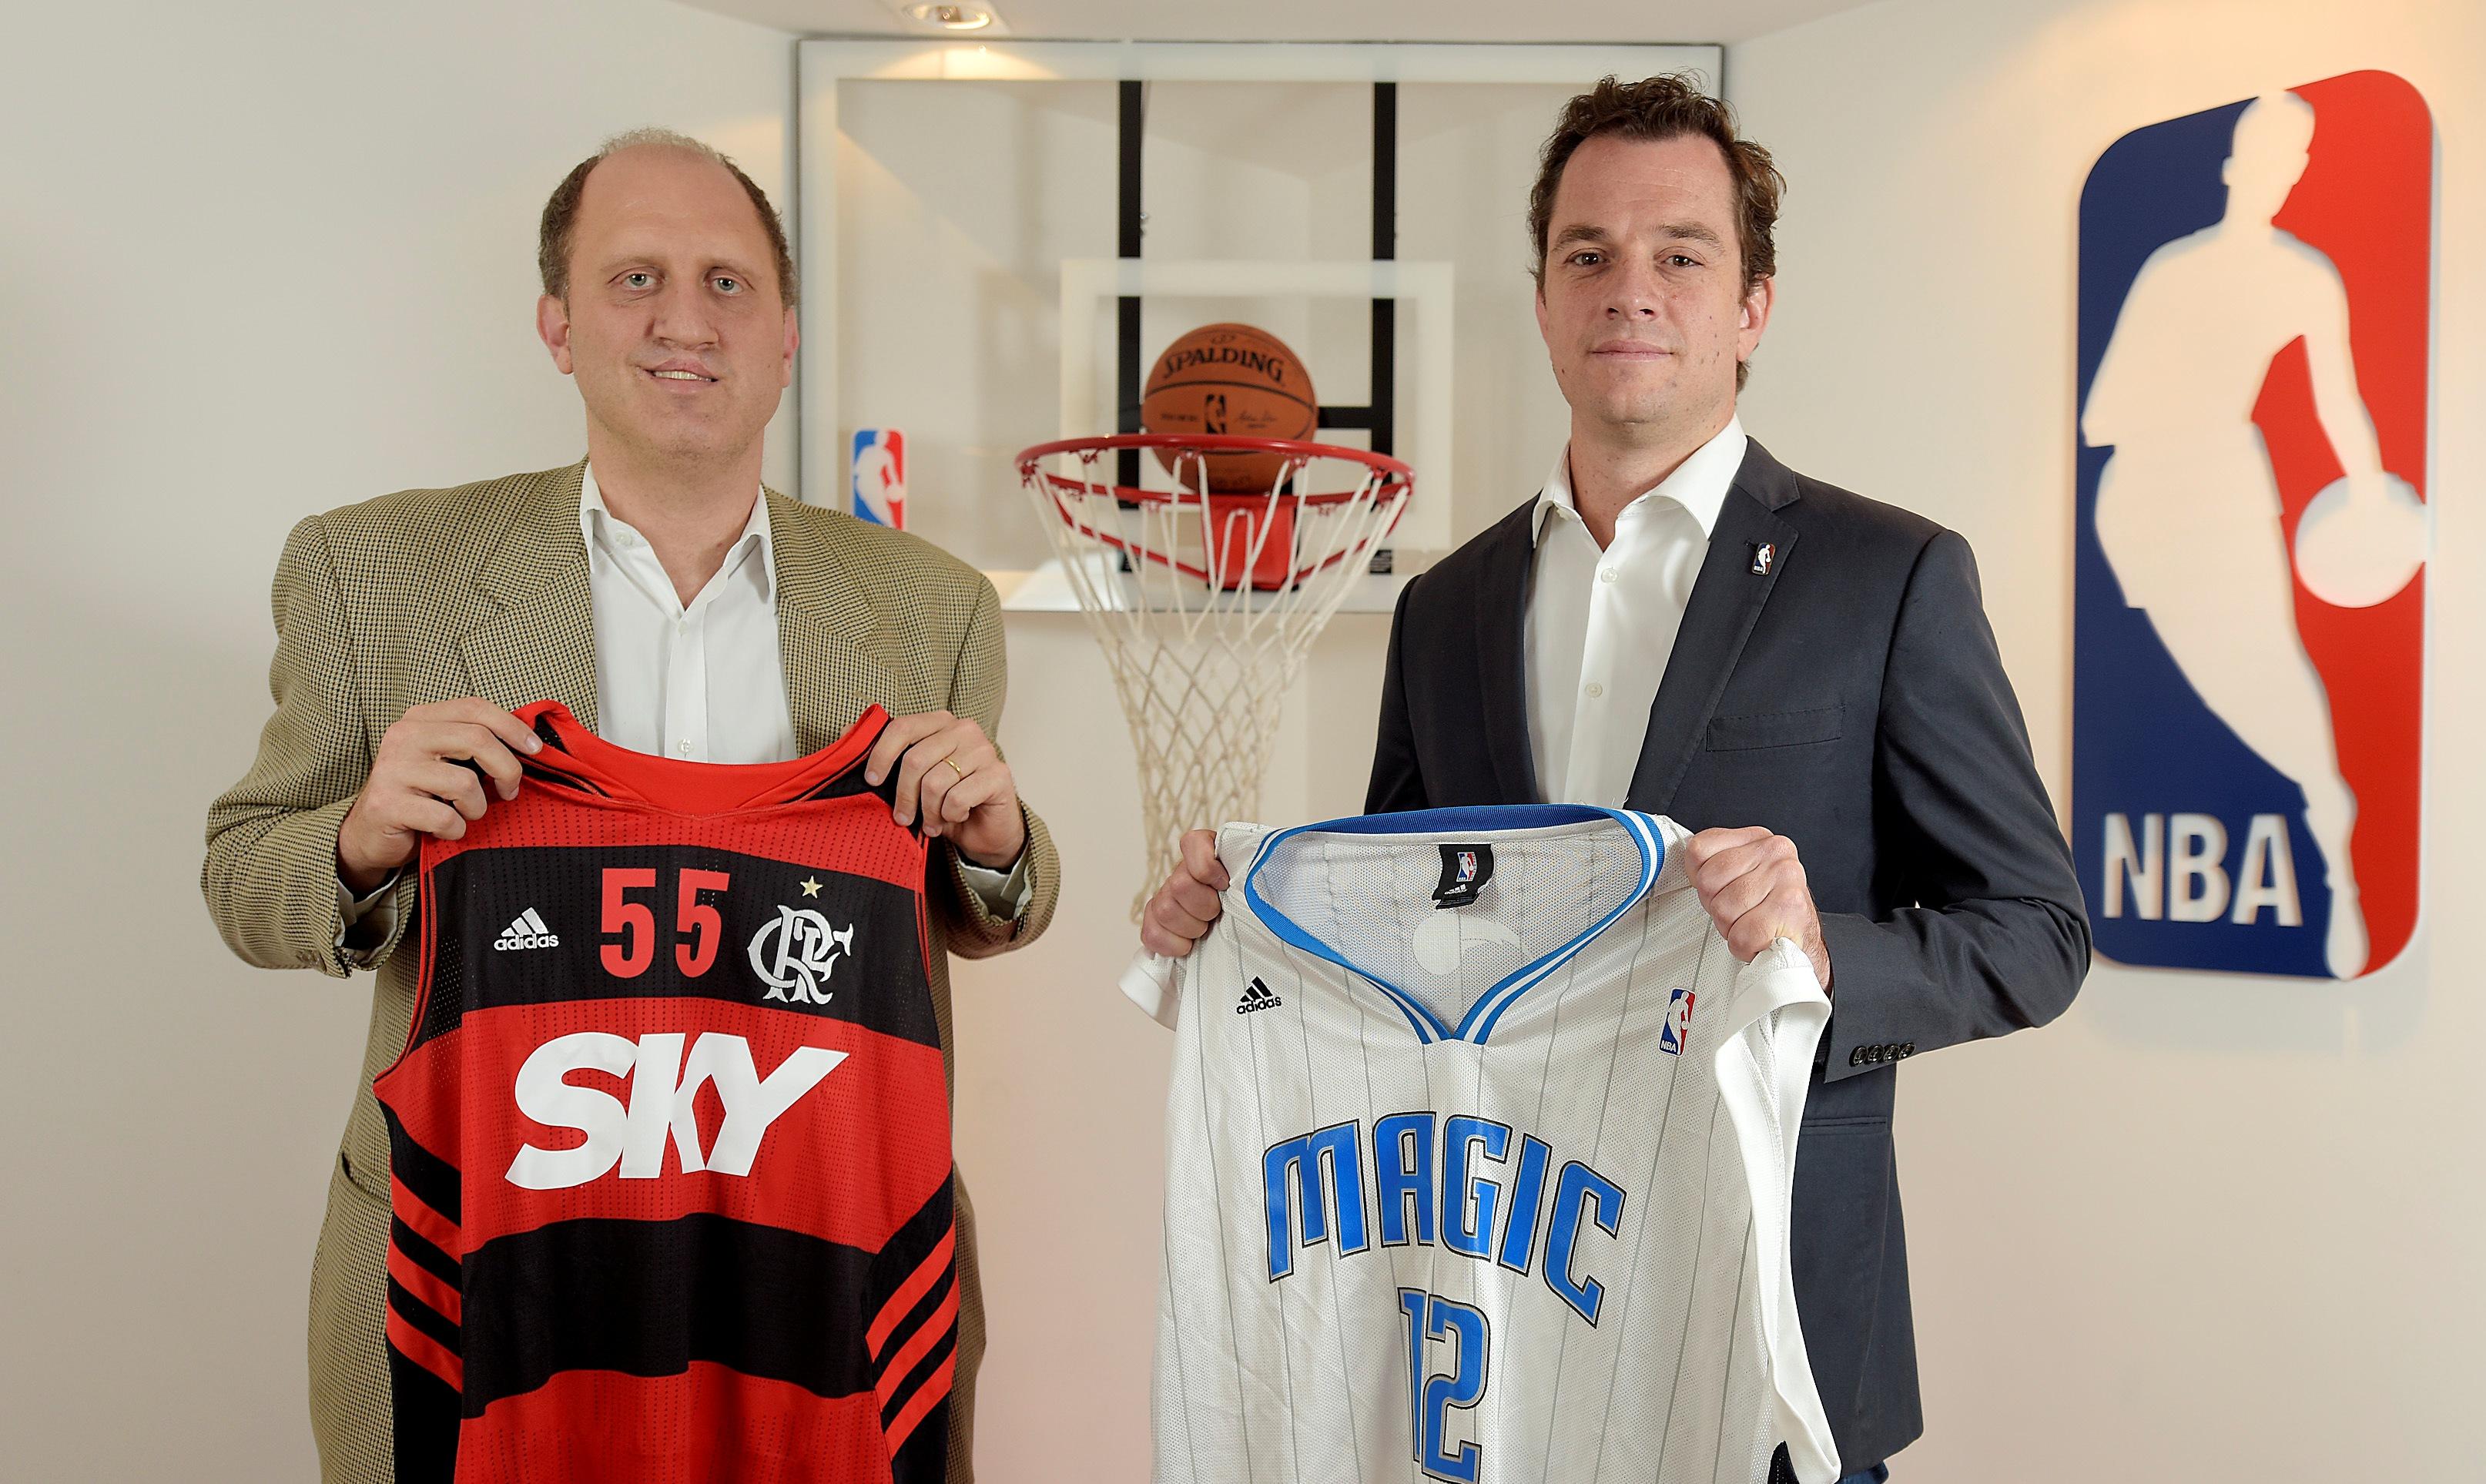 Alexandre_Póvoa_Flamengo_e_Arnon_de_Mello_NBA_BrasilA